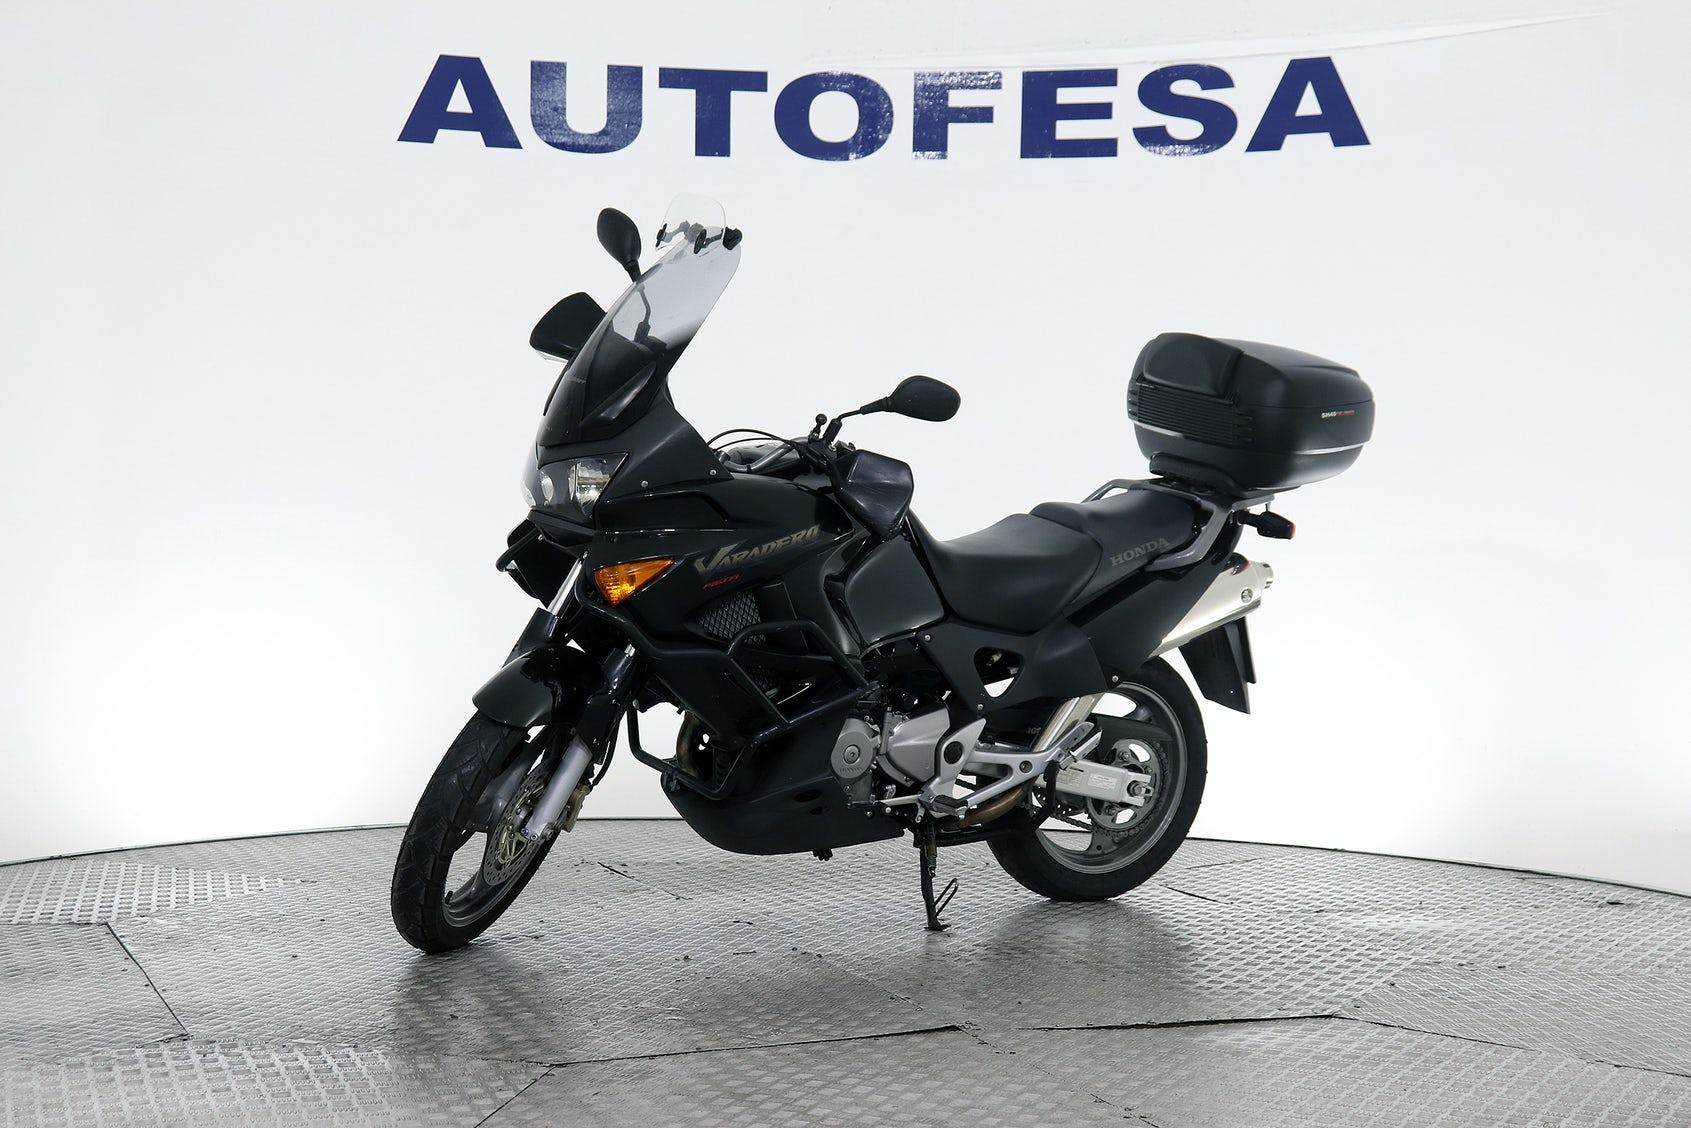 Honda Xl 1000 XL 1000 V VARADERO